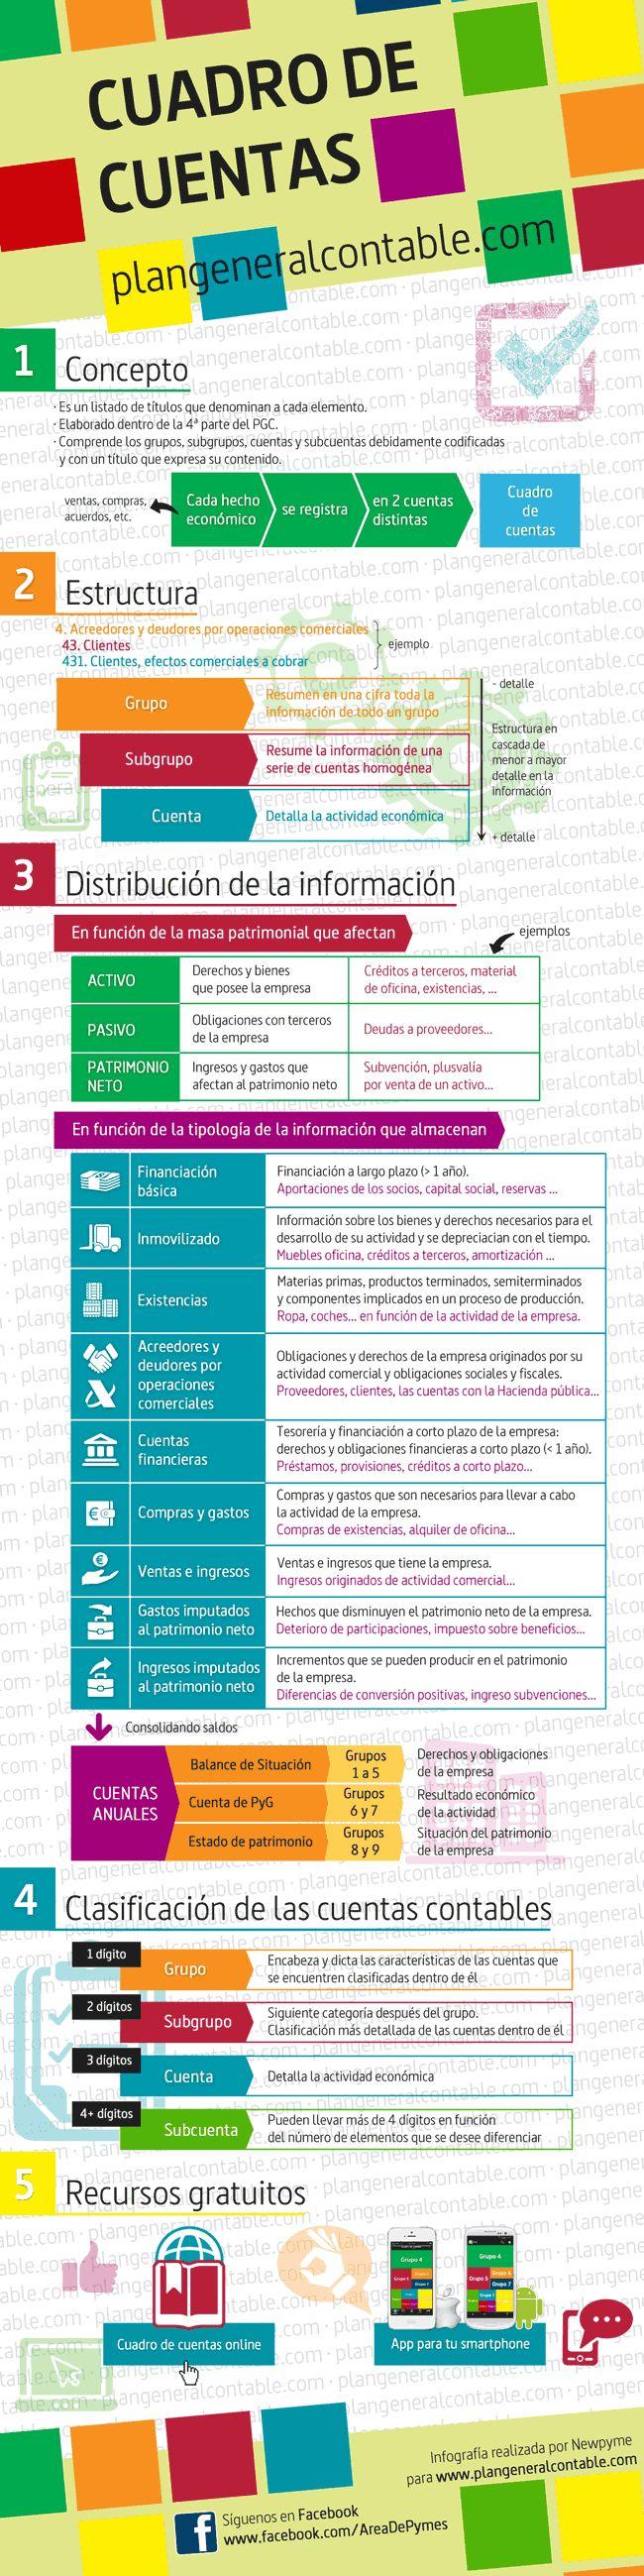 Cuadro de Cuentas del Plan General Contable #infografía